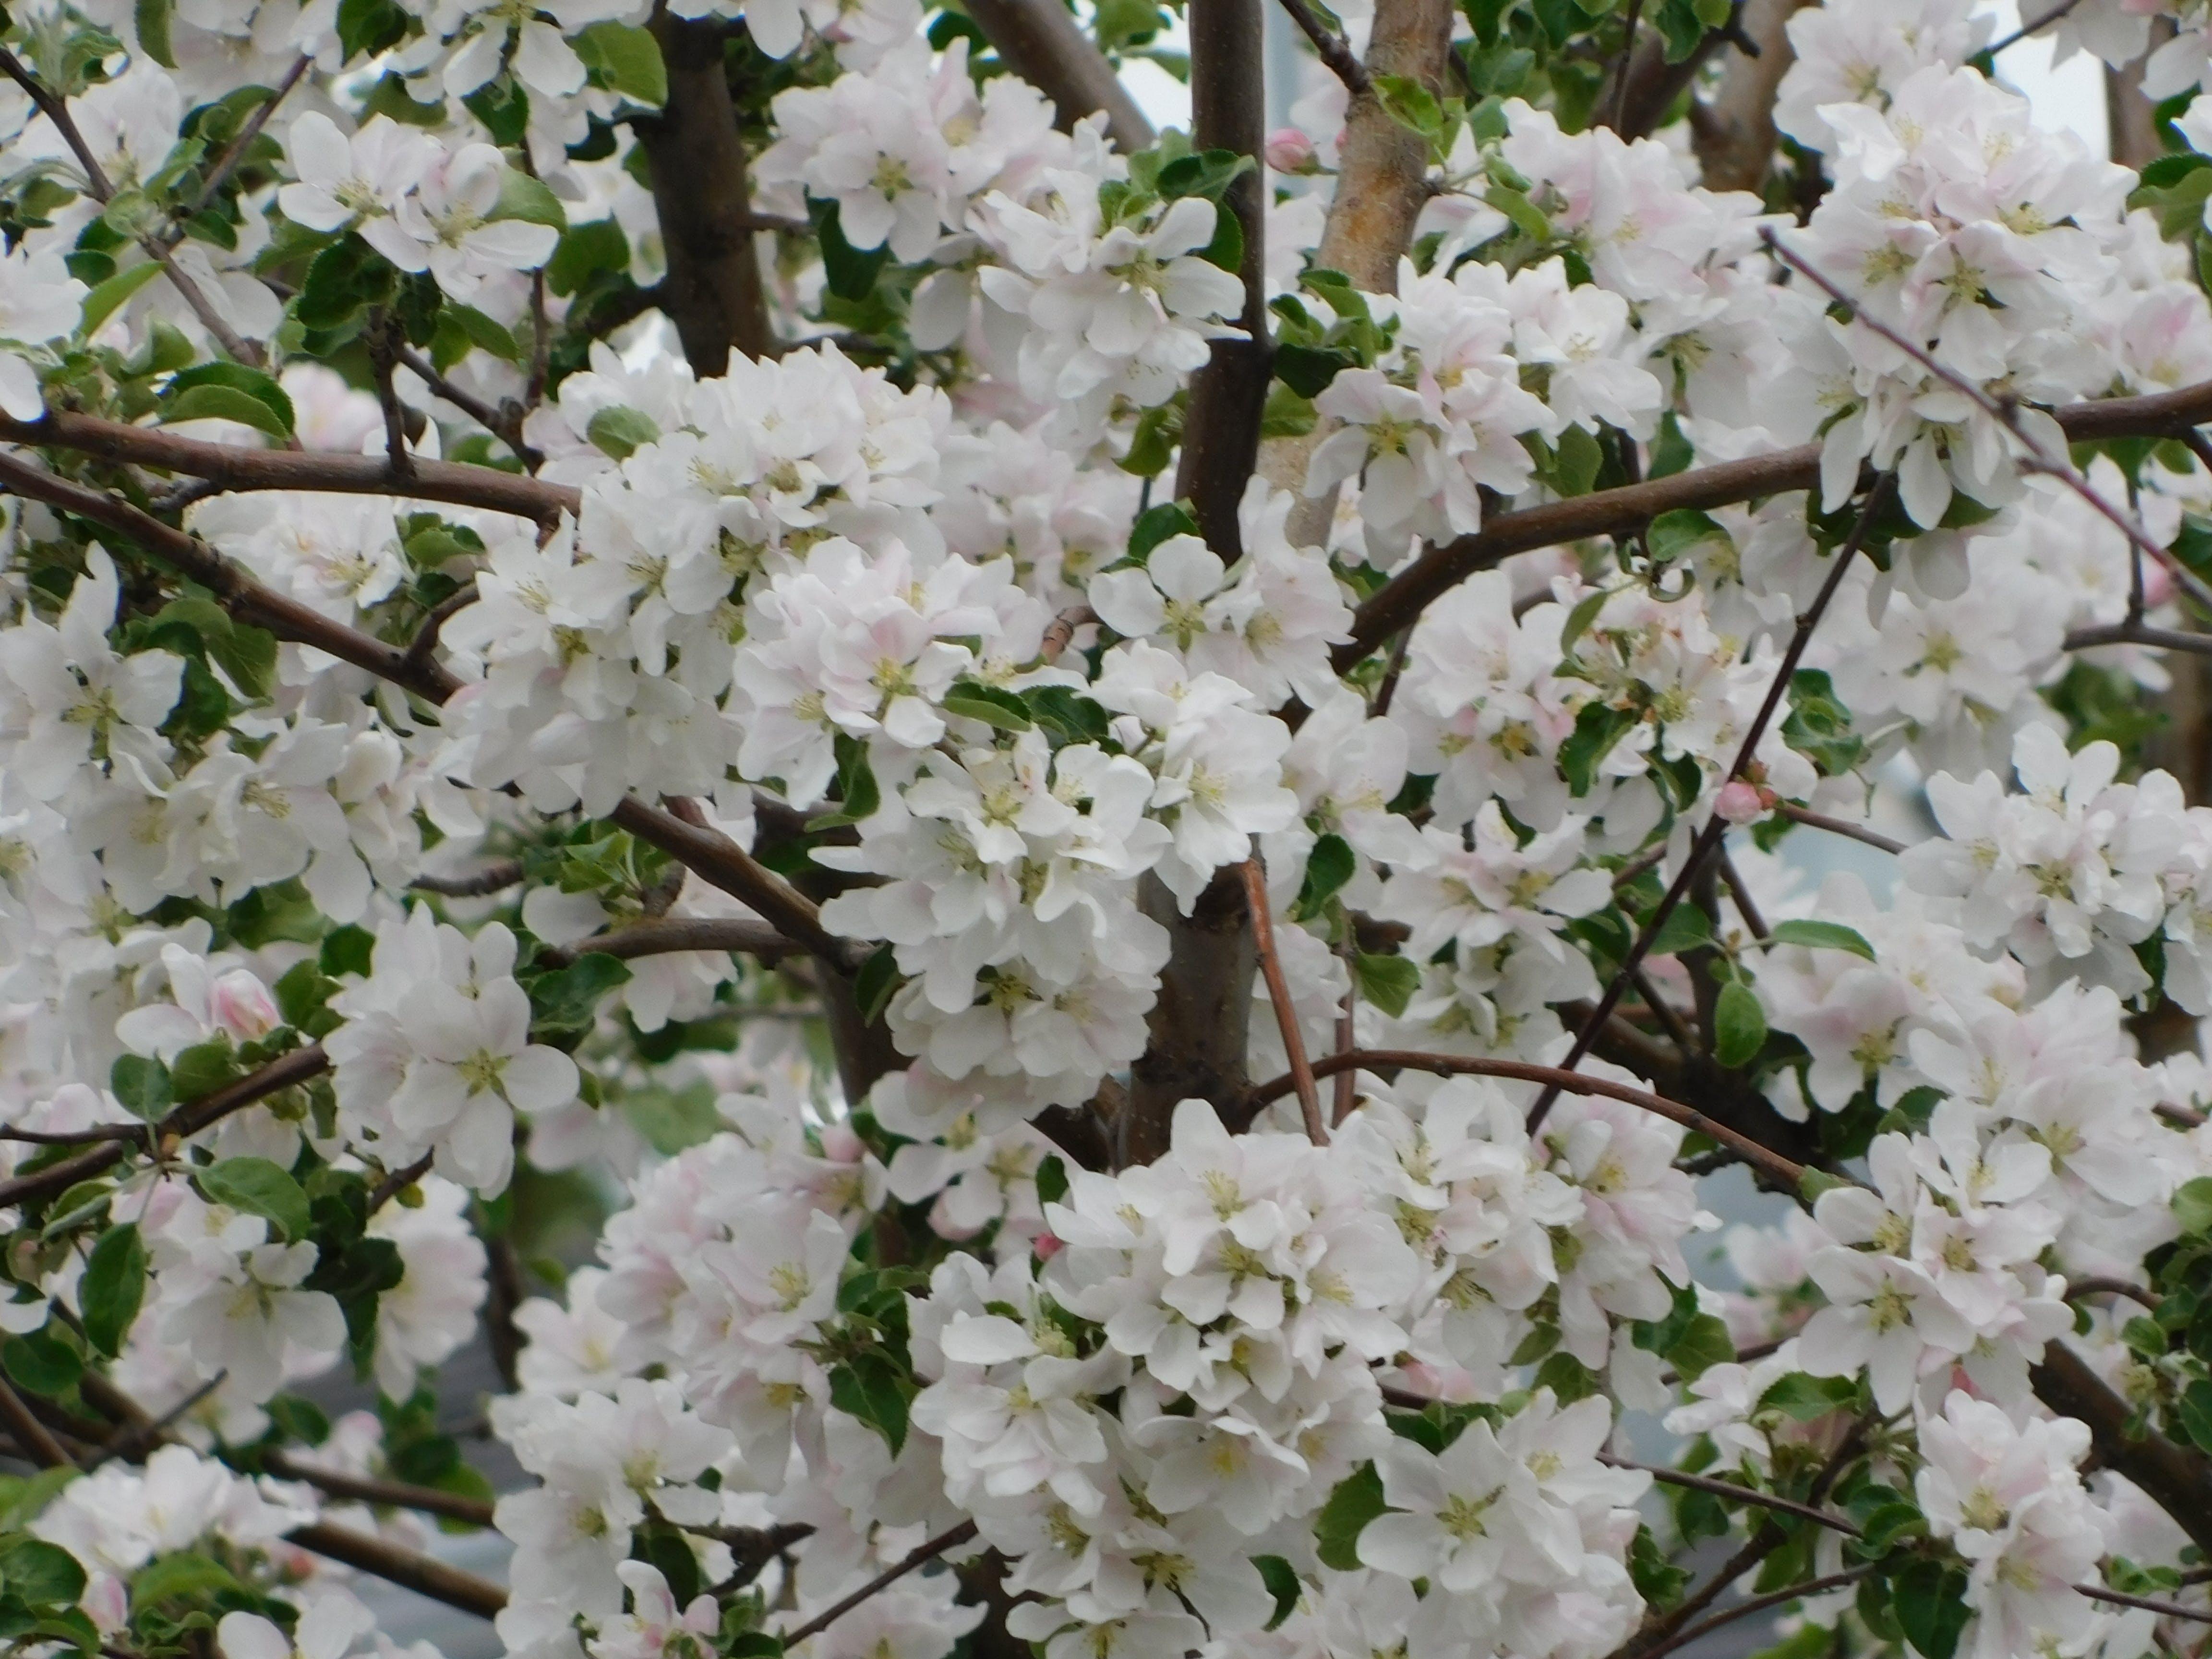 Fotos de stock gratuitas de más flores